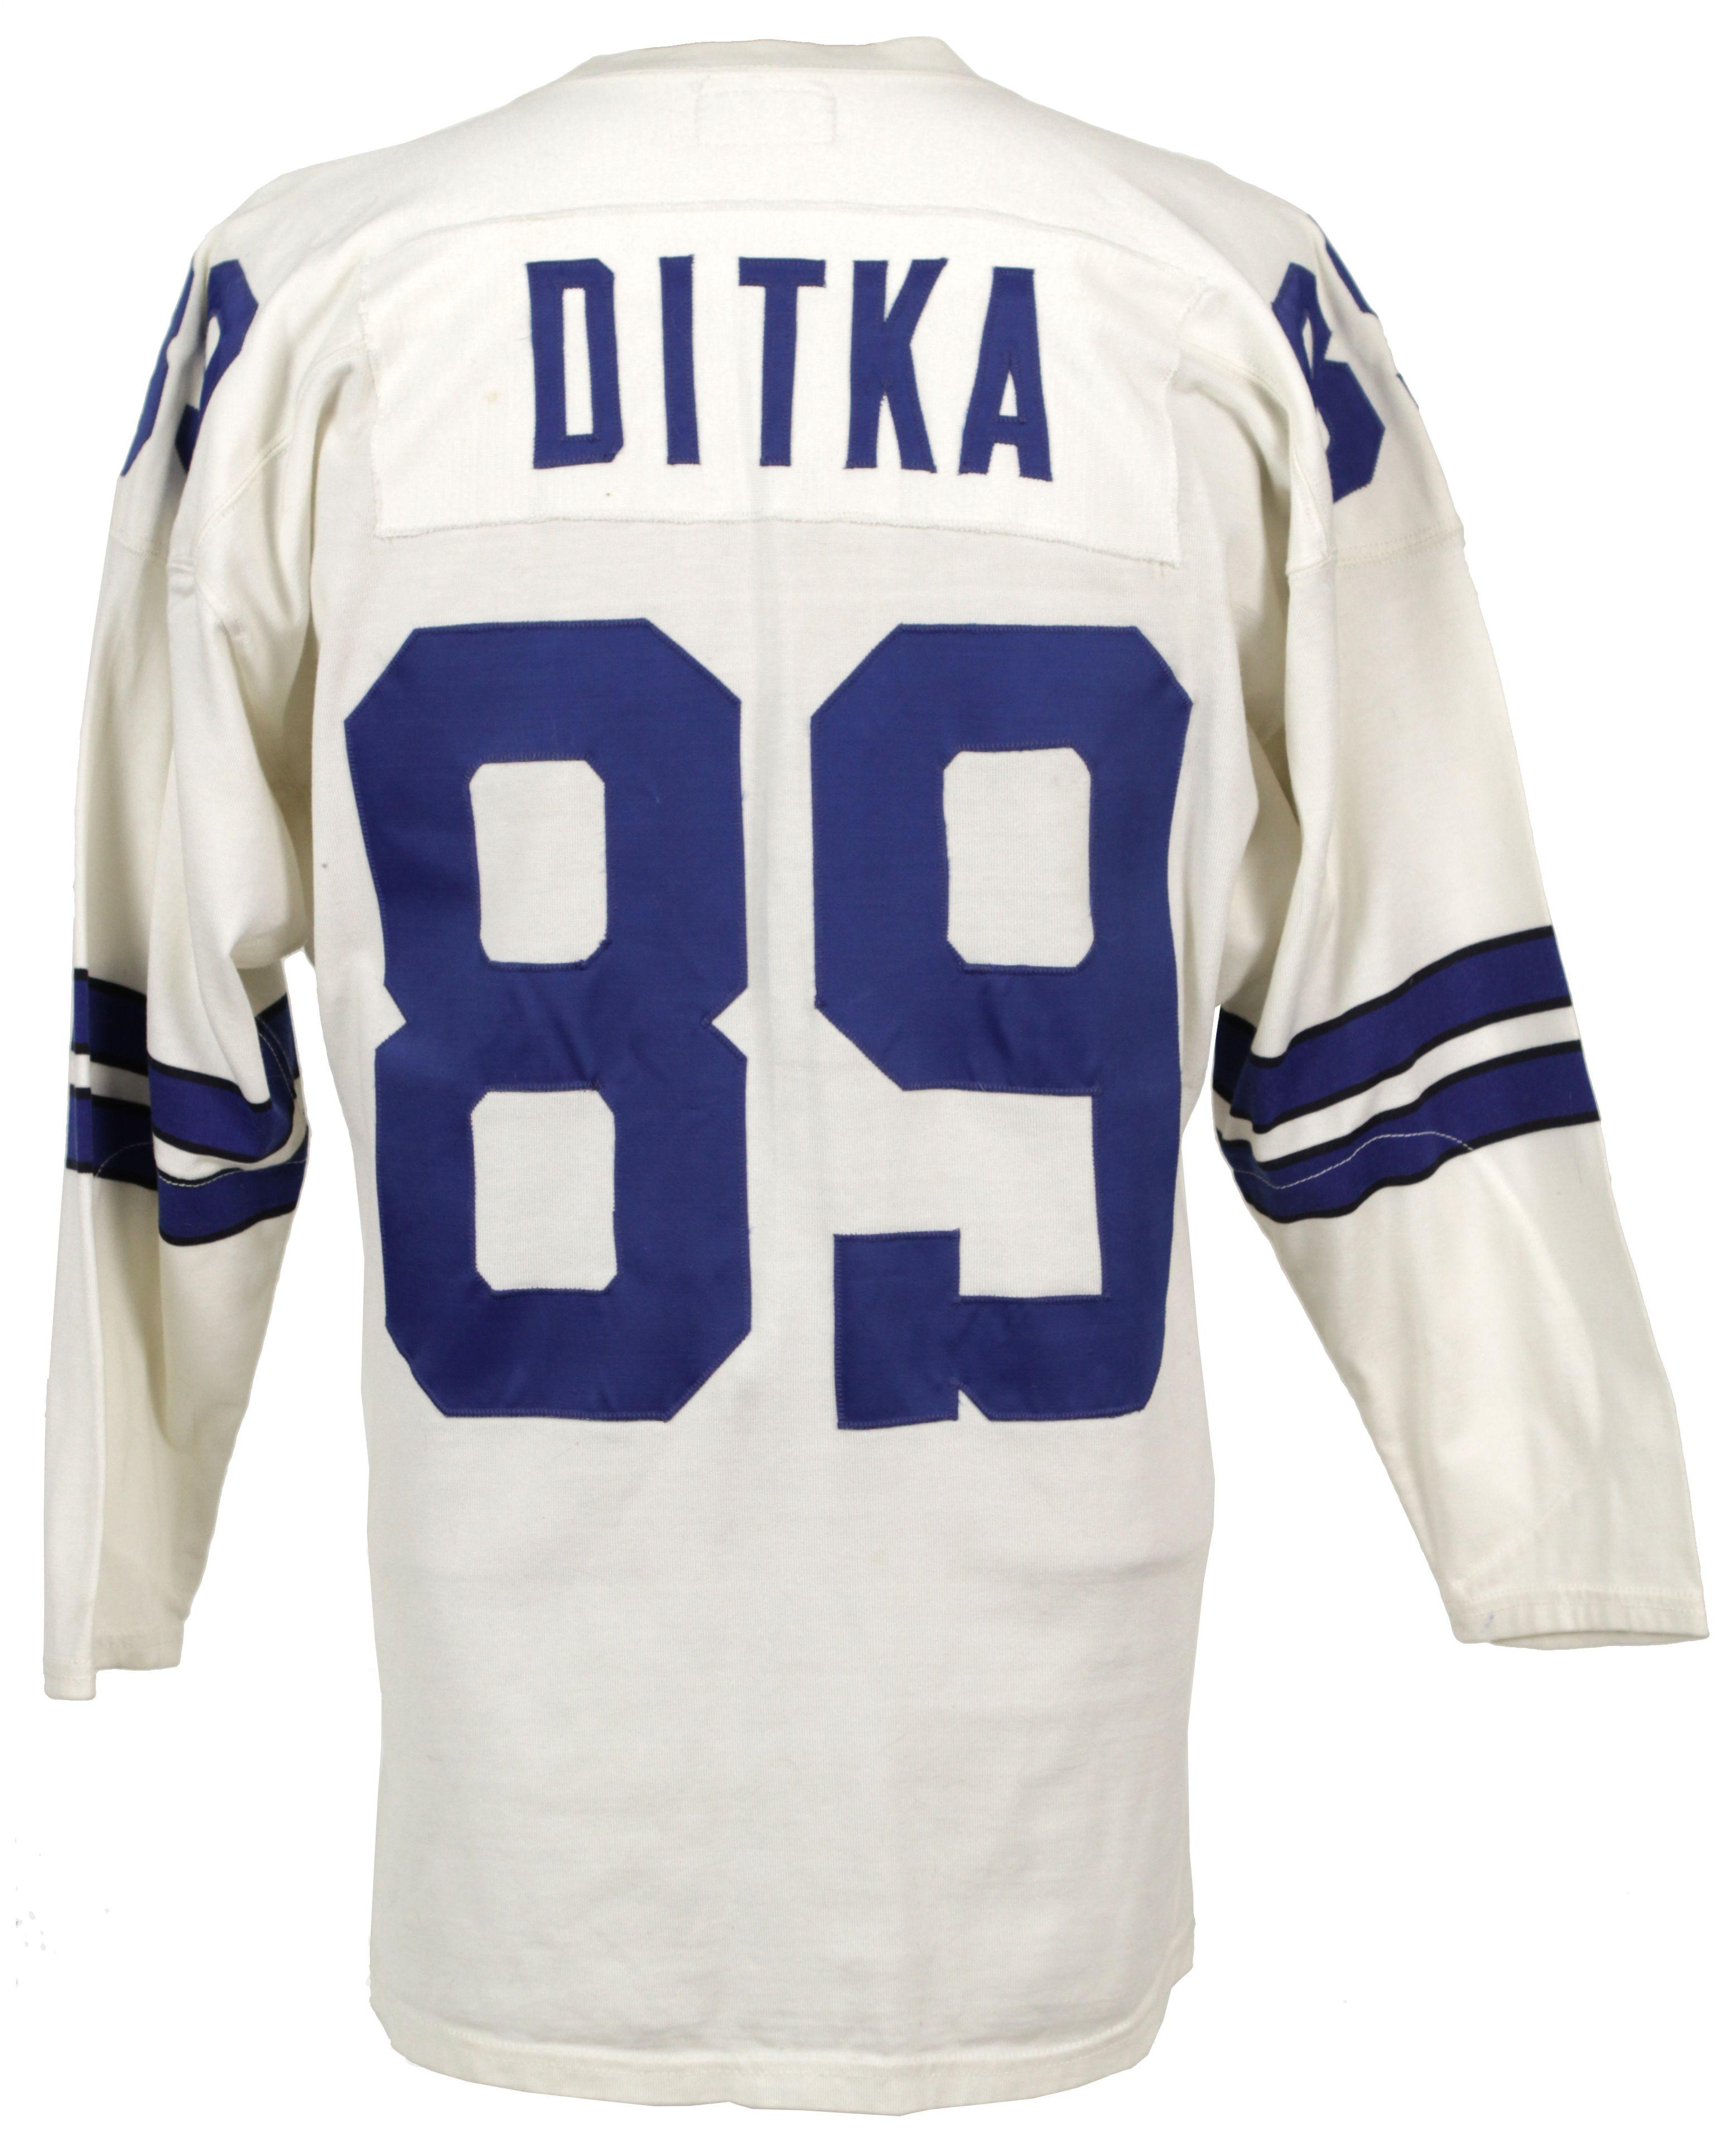 promo code 8f5af 1d40c Lot Detail - 1960s style Mike Ditka Dallas Cowboys Durene ...